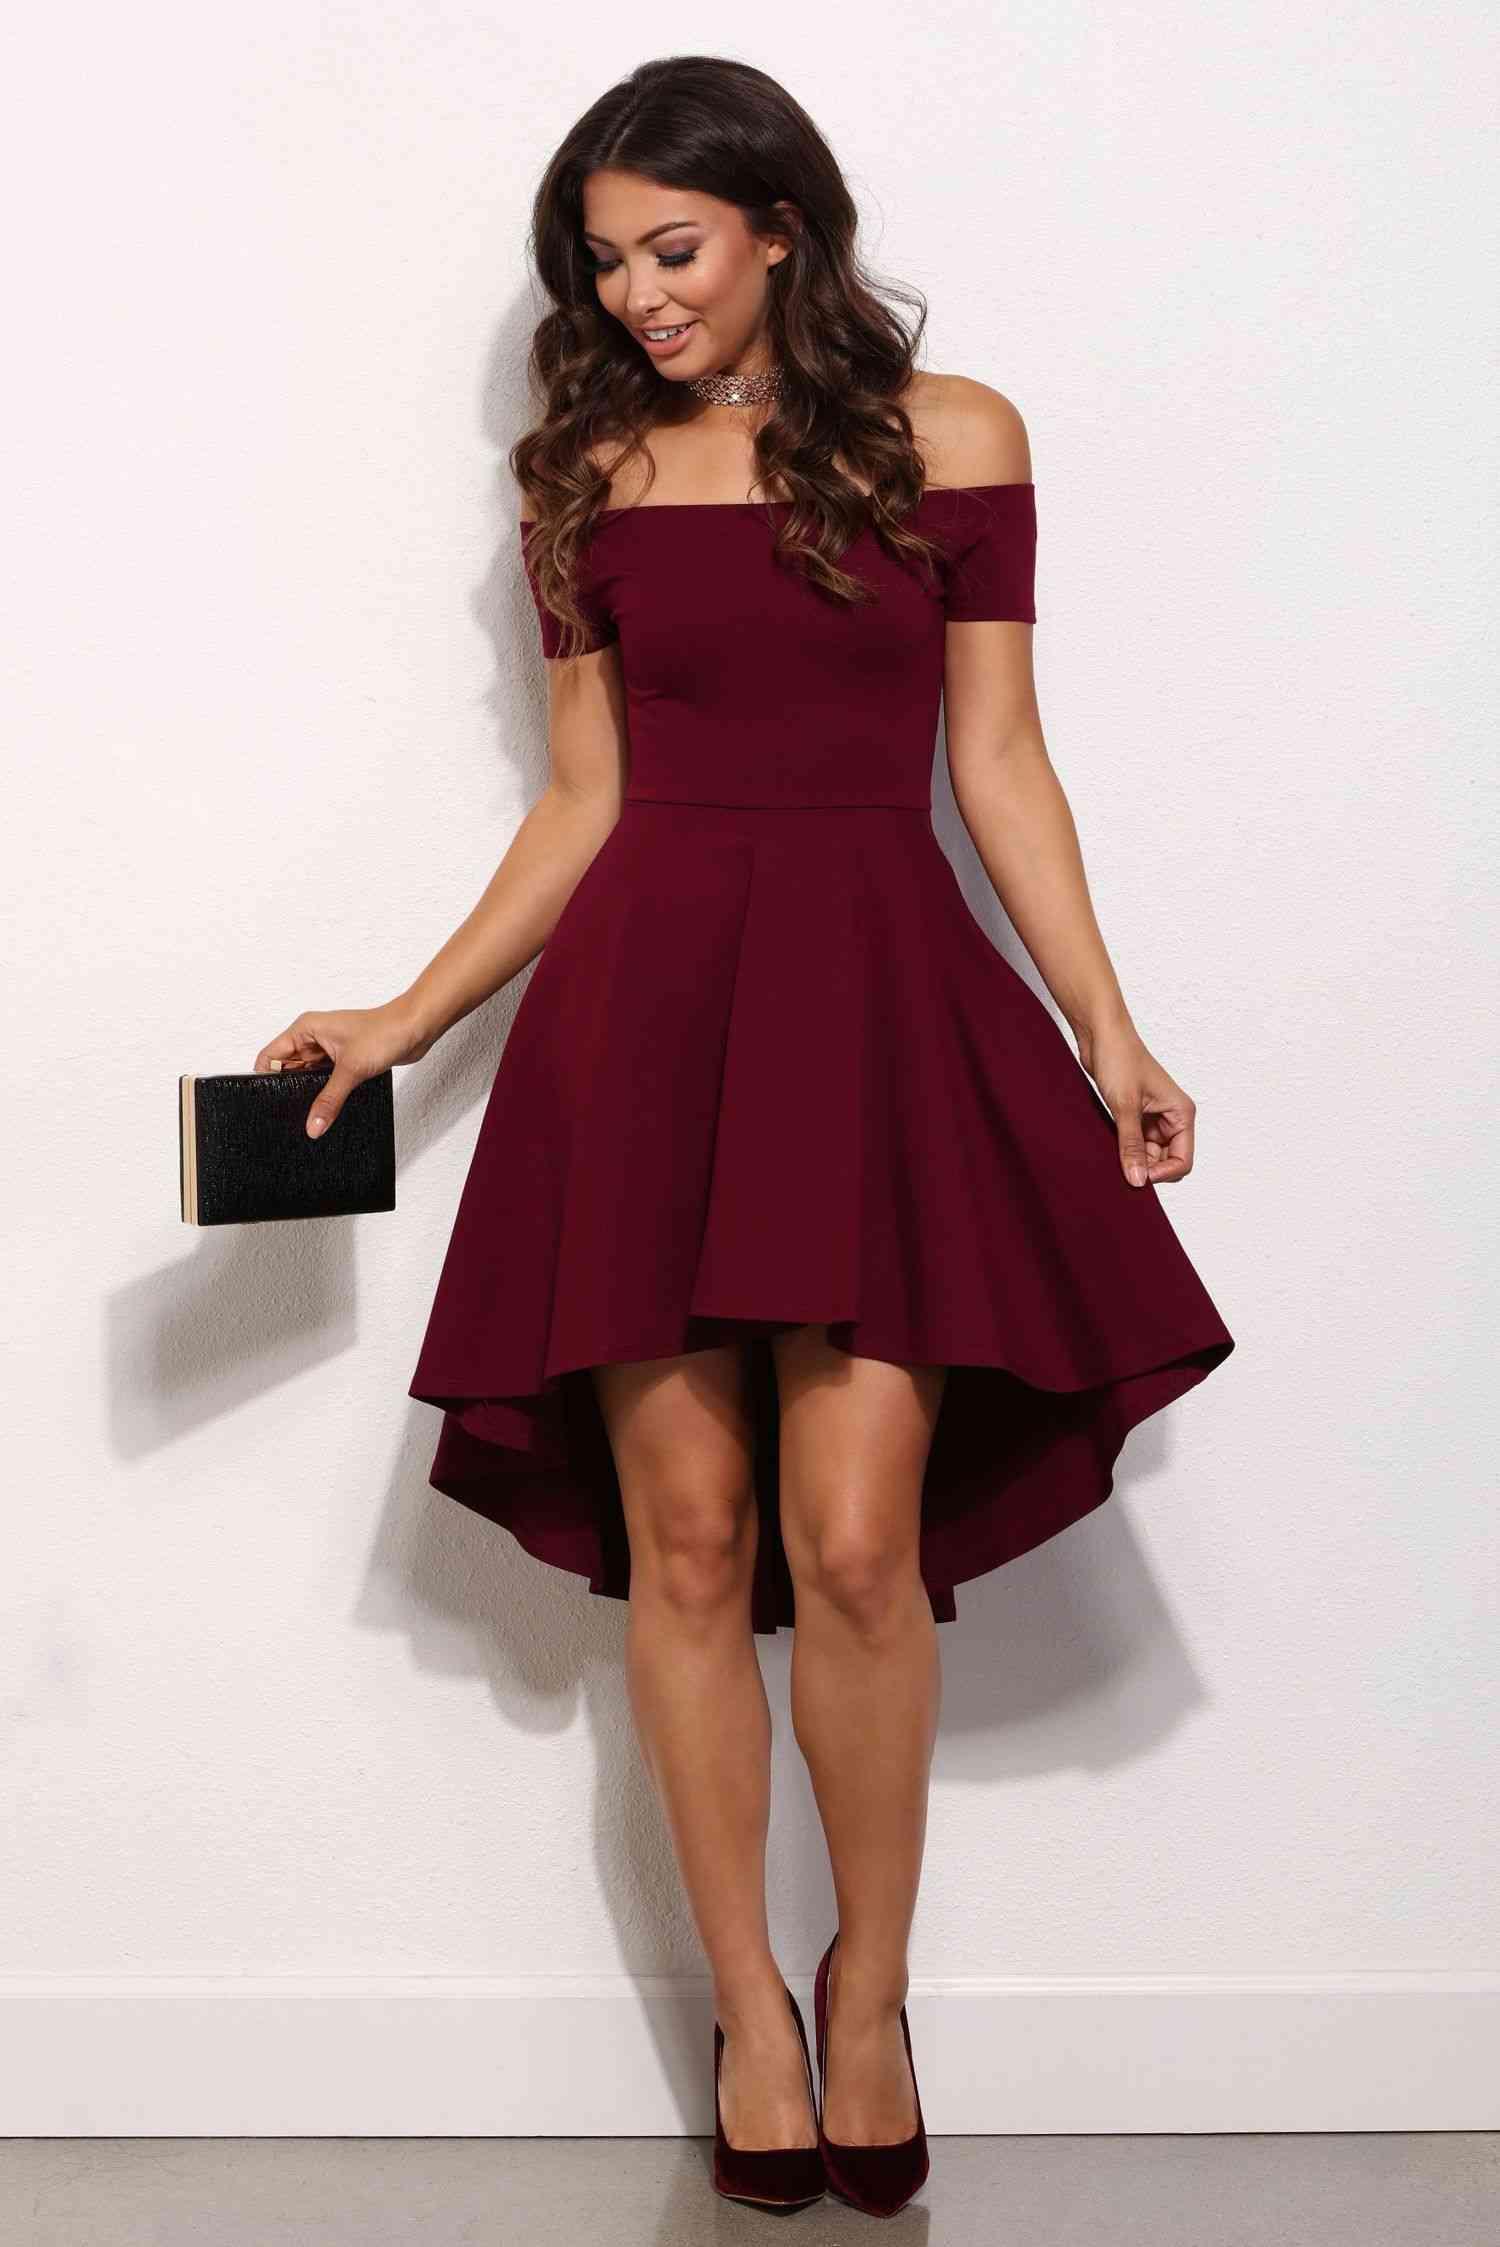 Smart Casual Hochzeit - 40+ Outfit Ideen Und Viele Styling